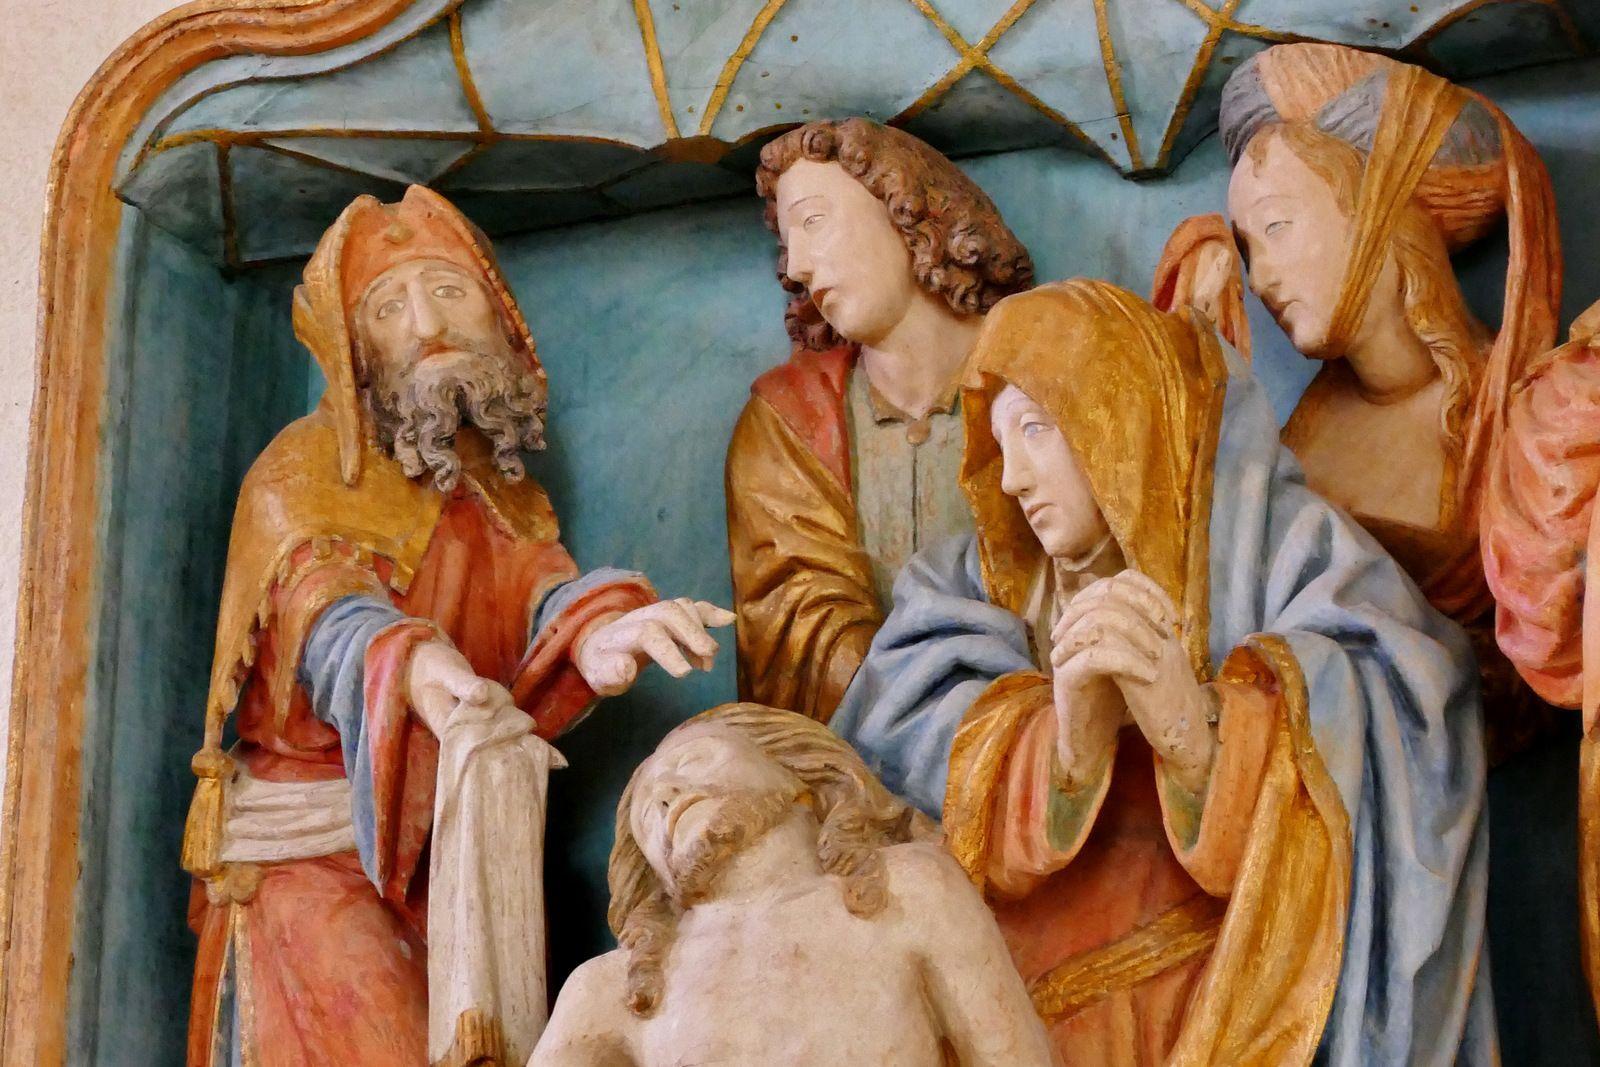 Déploration (bois polychrome, 2ème quart du  siècle) de la chapelle de Quilinen en Landrévarzec. Photographie lavieb-aile juin 2020.